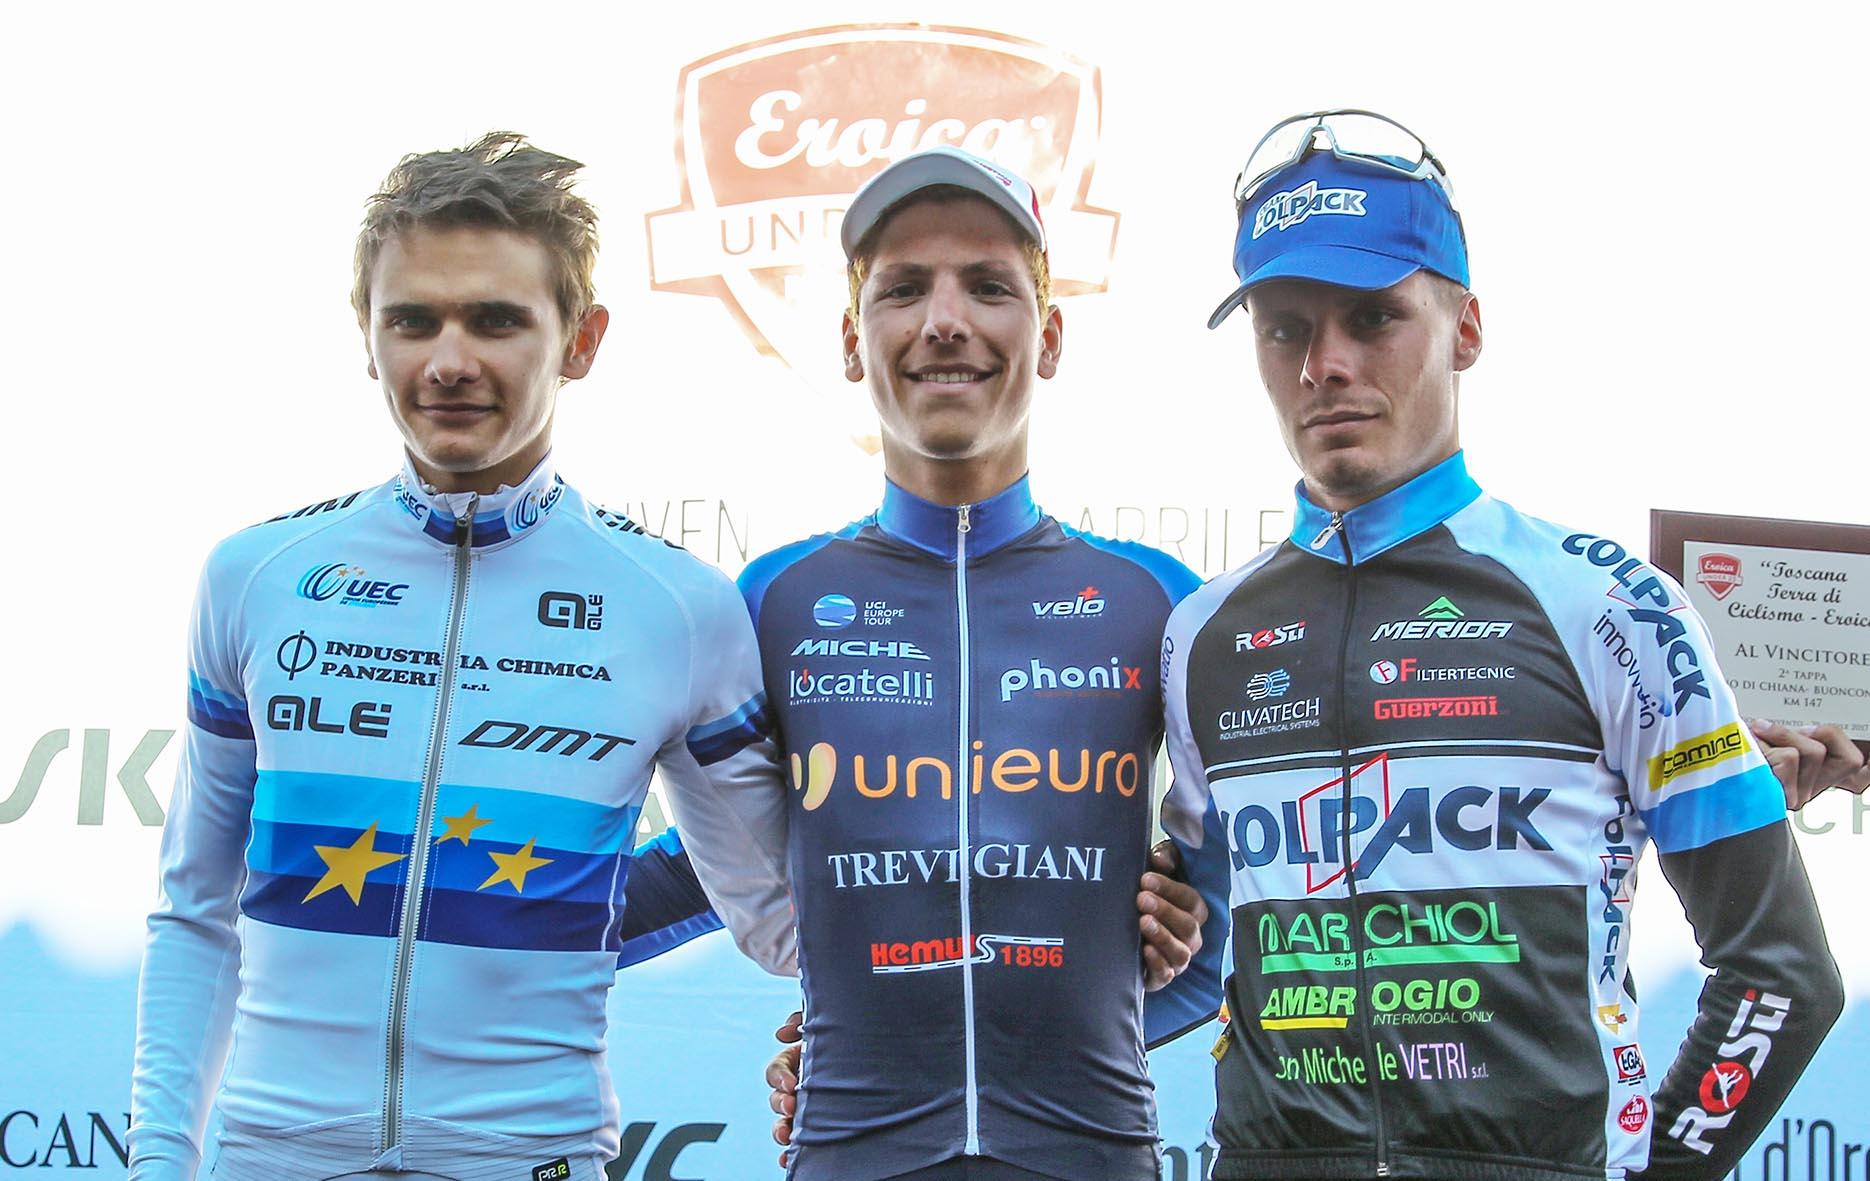 Il podio dell'ultima tappa del Toscana Terra di Ciclismo - Eroica